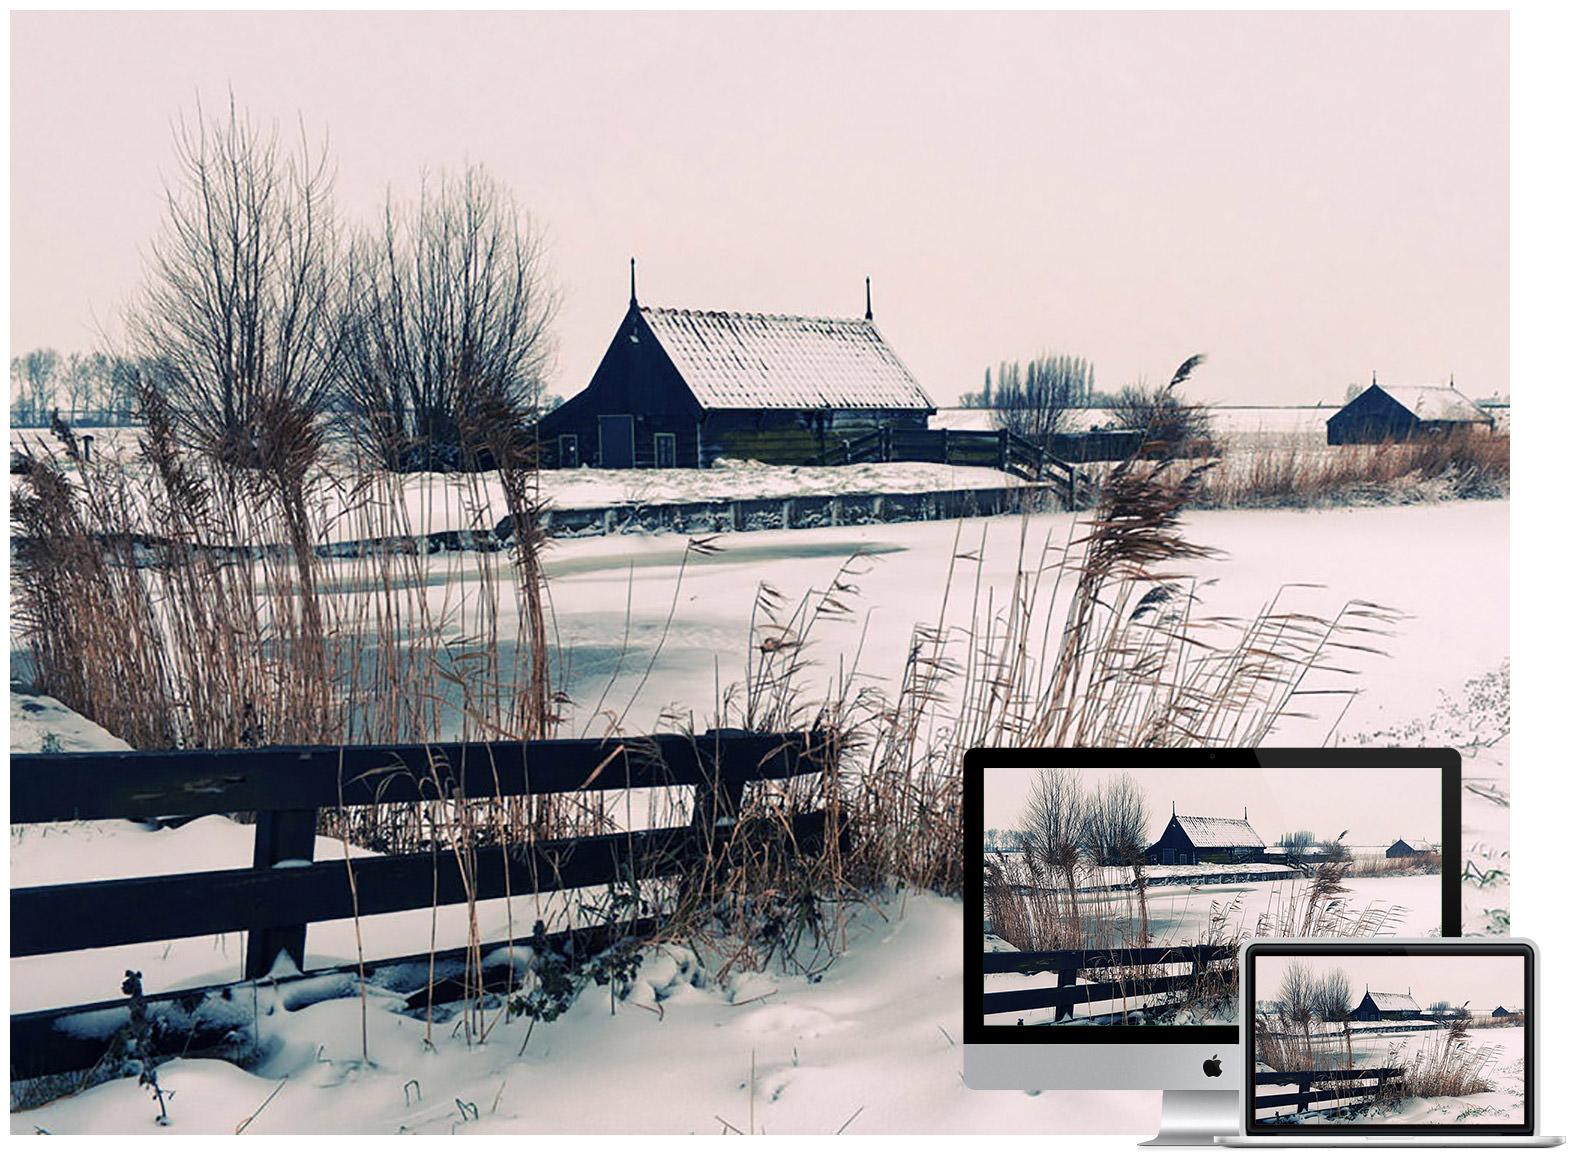 Windmills on a Winter Farm